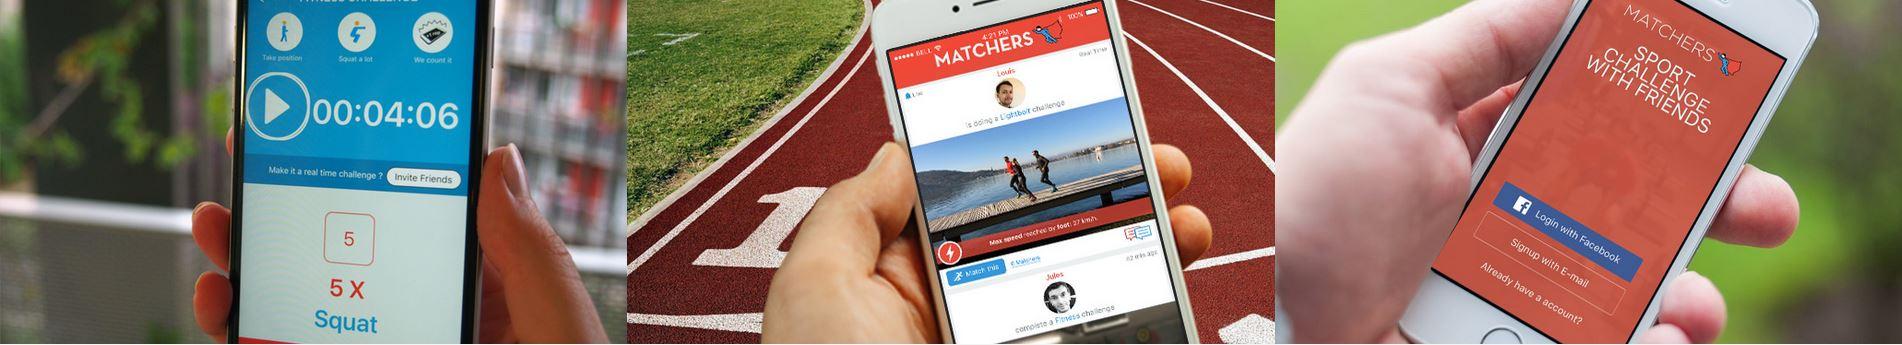 Capture-MatchersApp.JPG